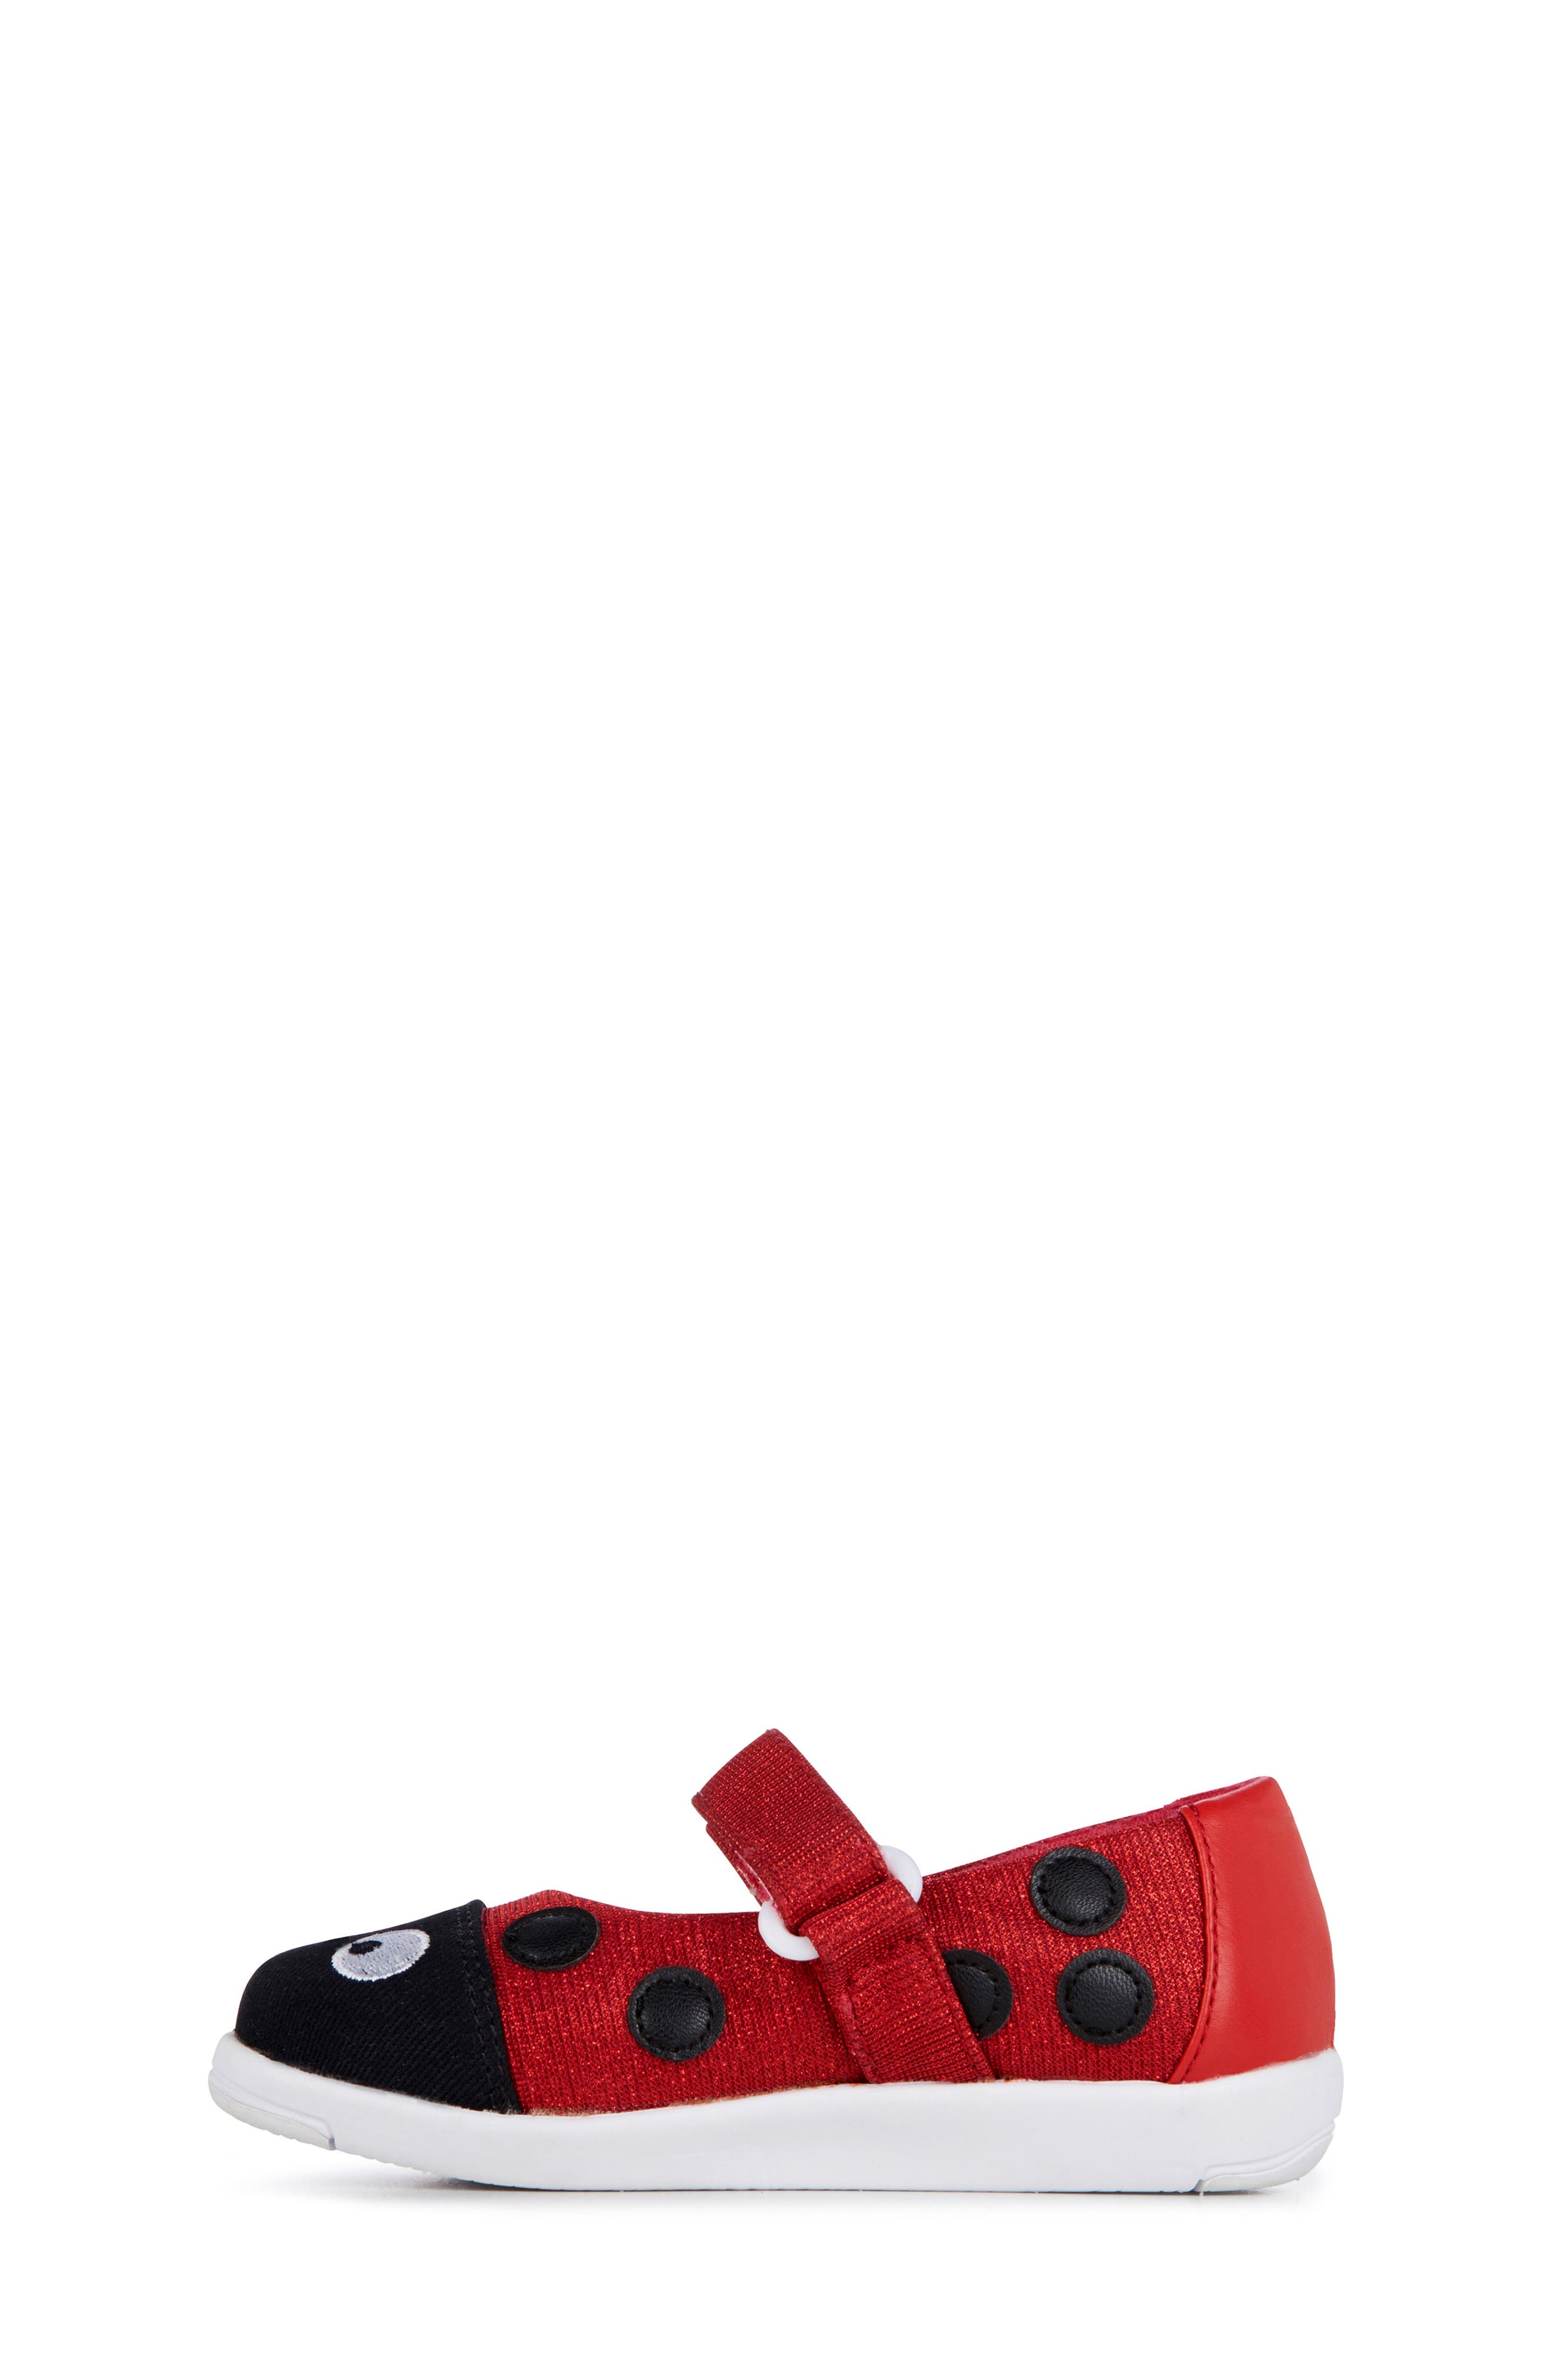 Ladybug Mary Jane,                             Alternate thumbnail 3, color,                             RED